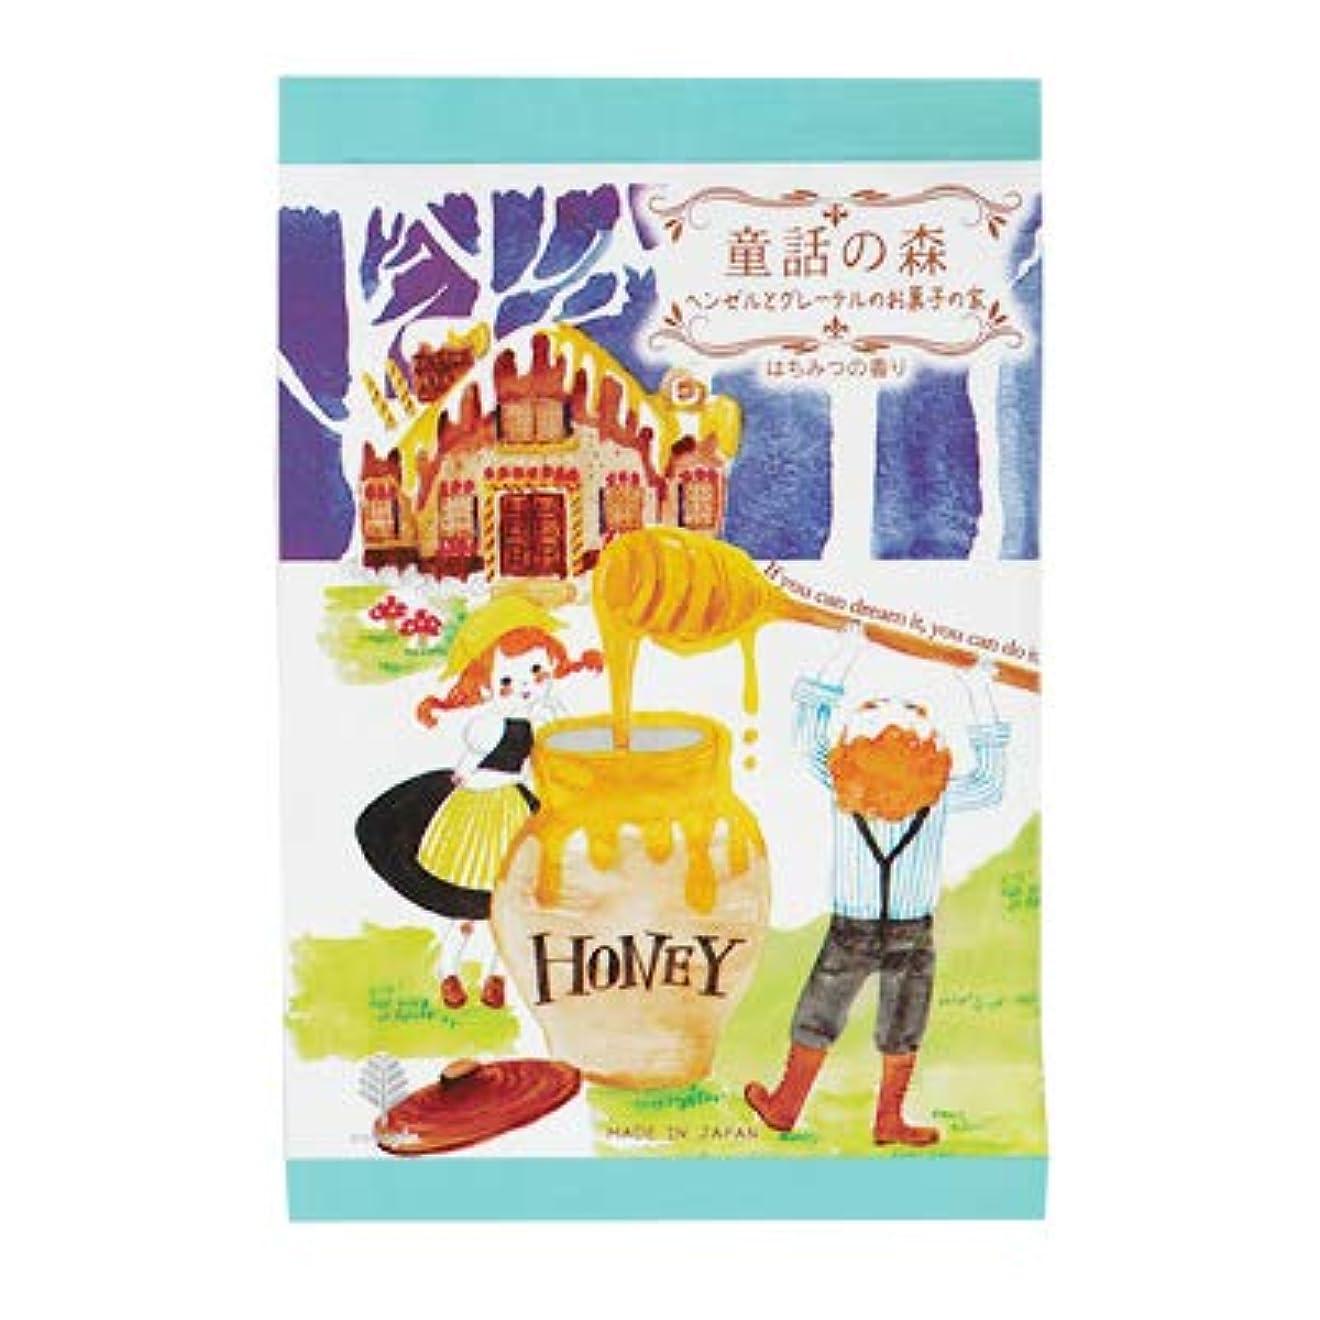 スプレー剛性超越する【まとめ買い3個セット】 童話の森 ヘンゼルとグレーテルのお菓子の家